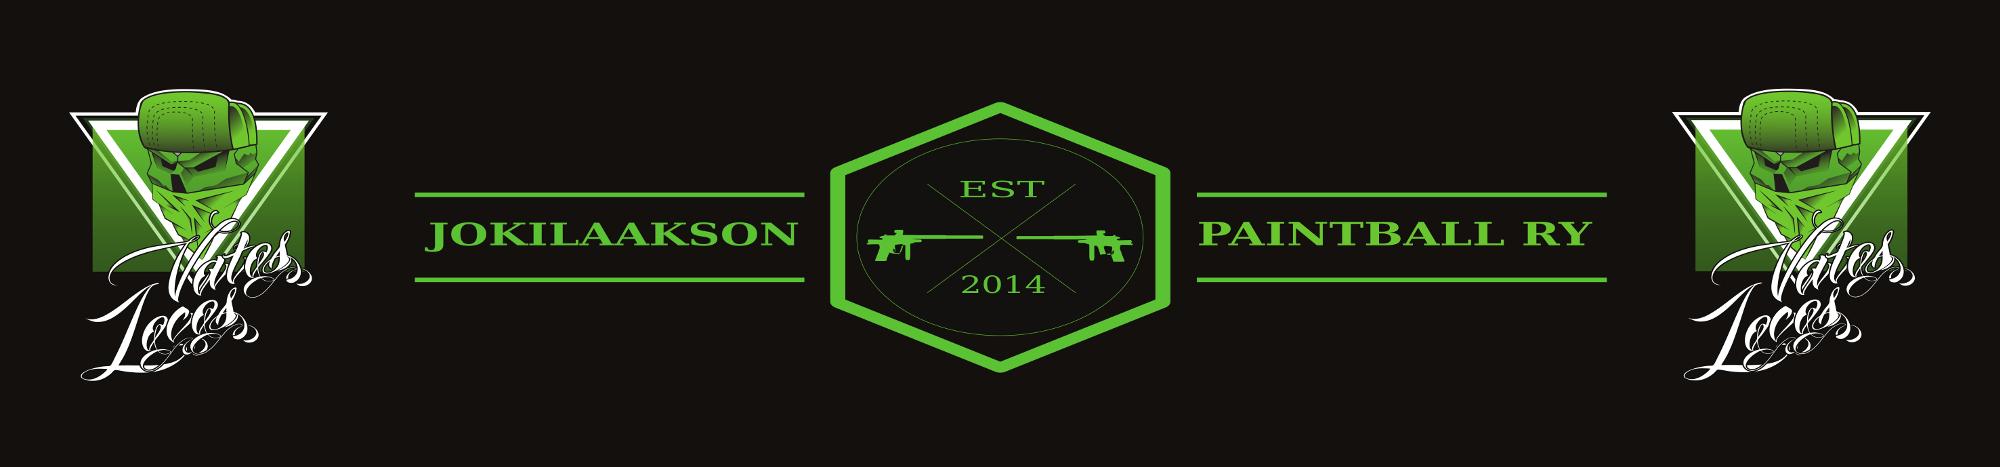 jokilaaksonpb_logo.png